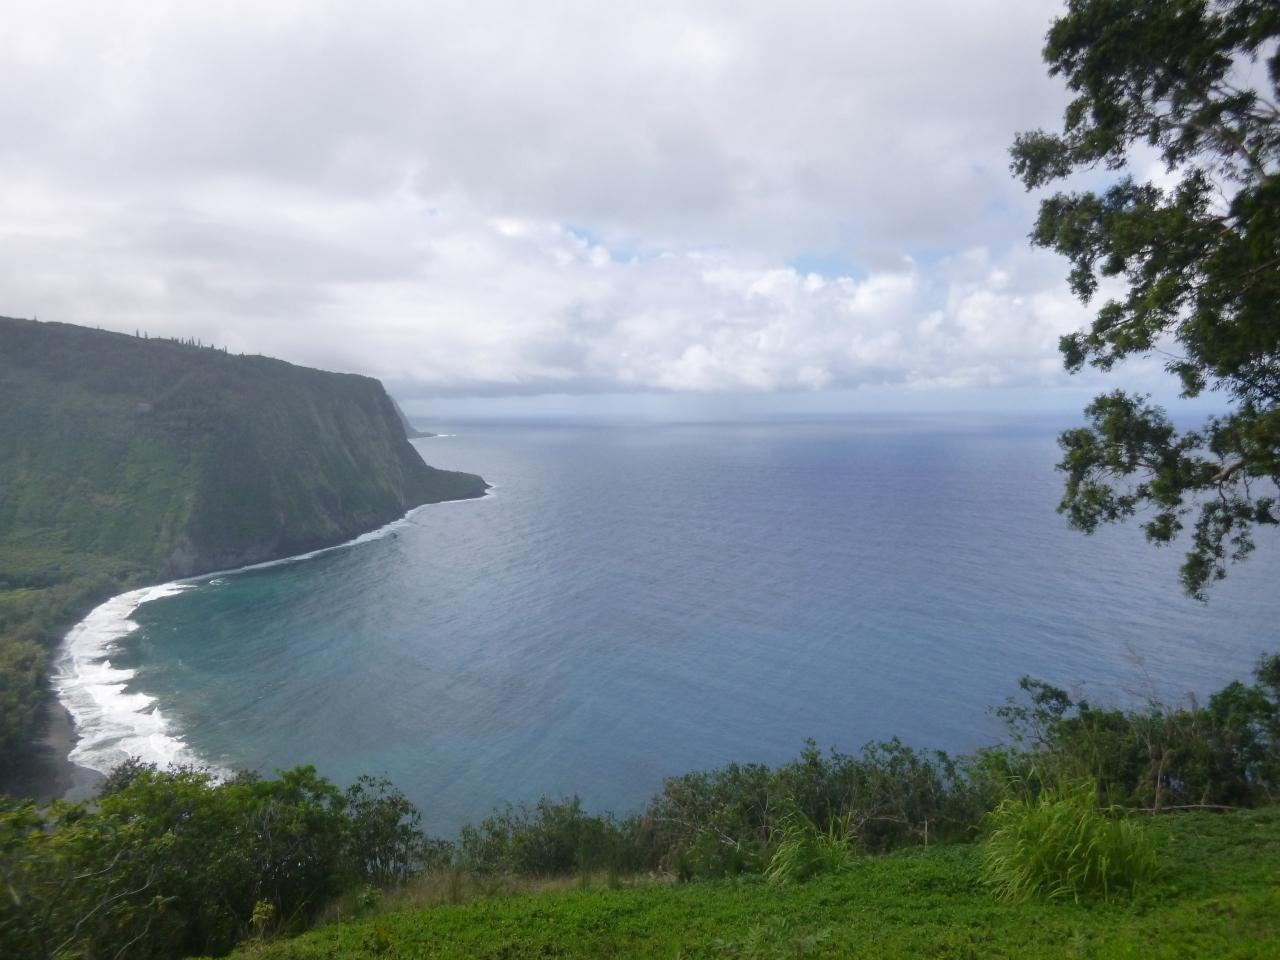 遂に! 家族で初海外 ハワイ旅行〜♪  ...